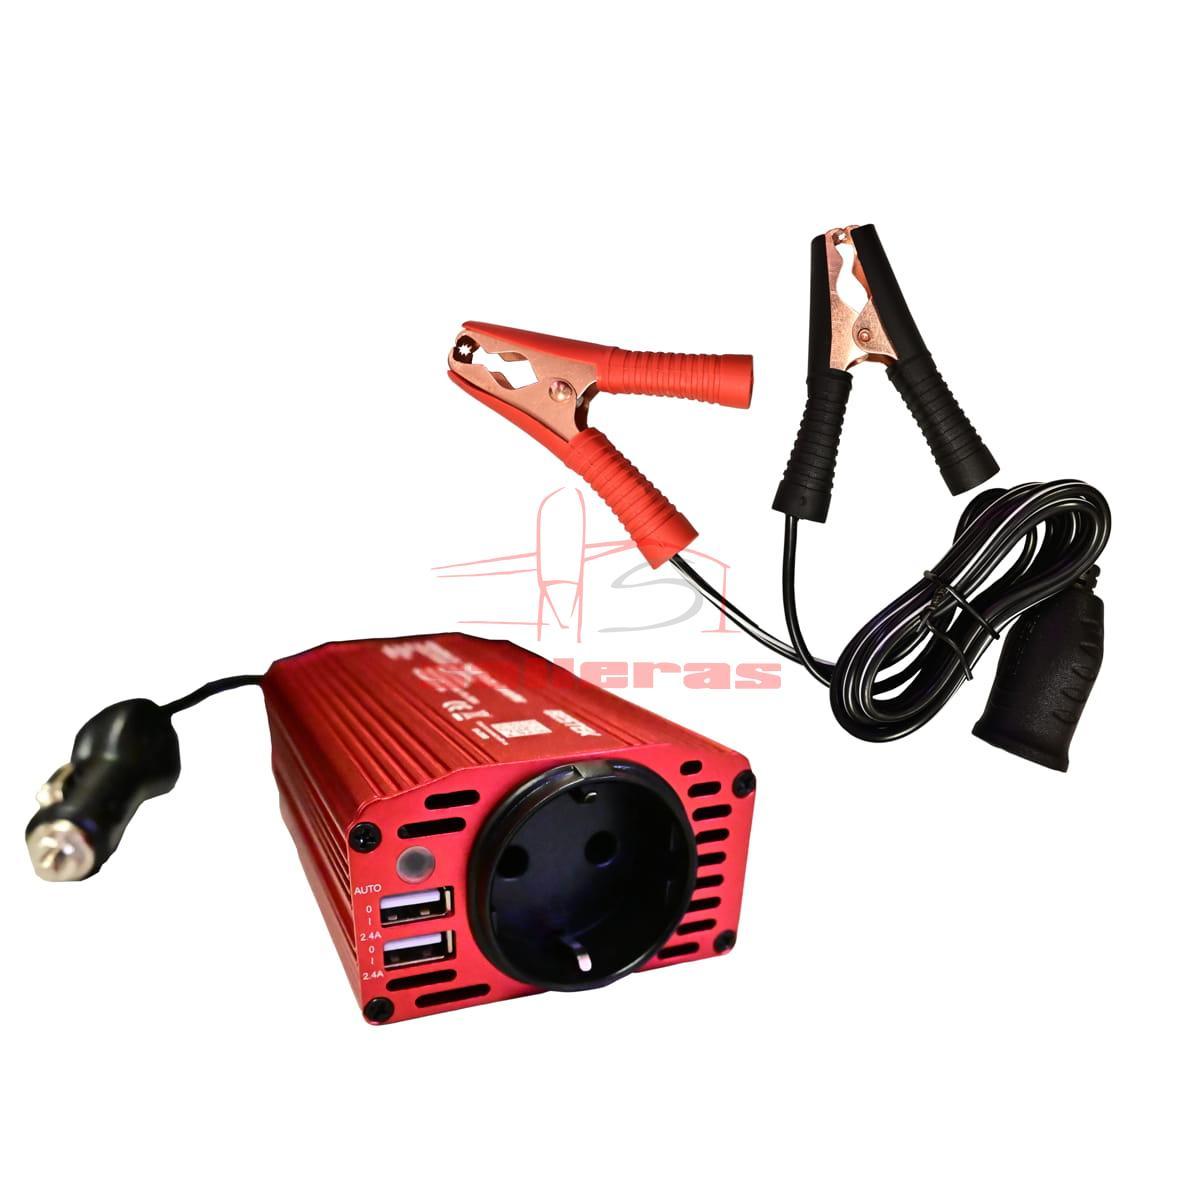 Inversor de corriente rojo 300W con pinzas